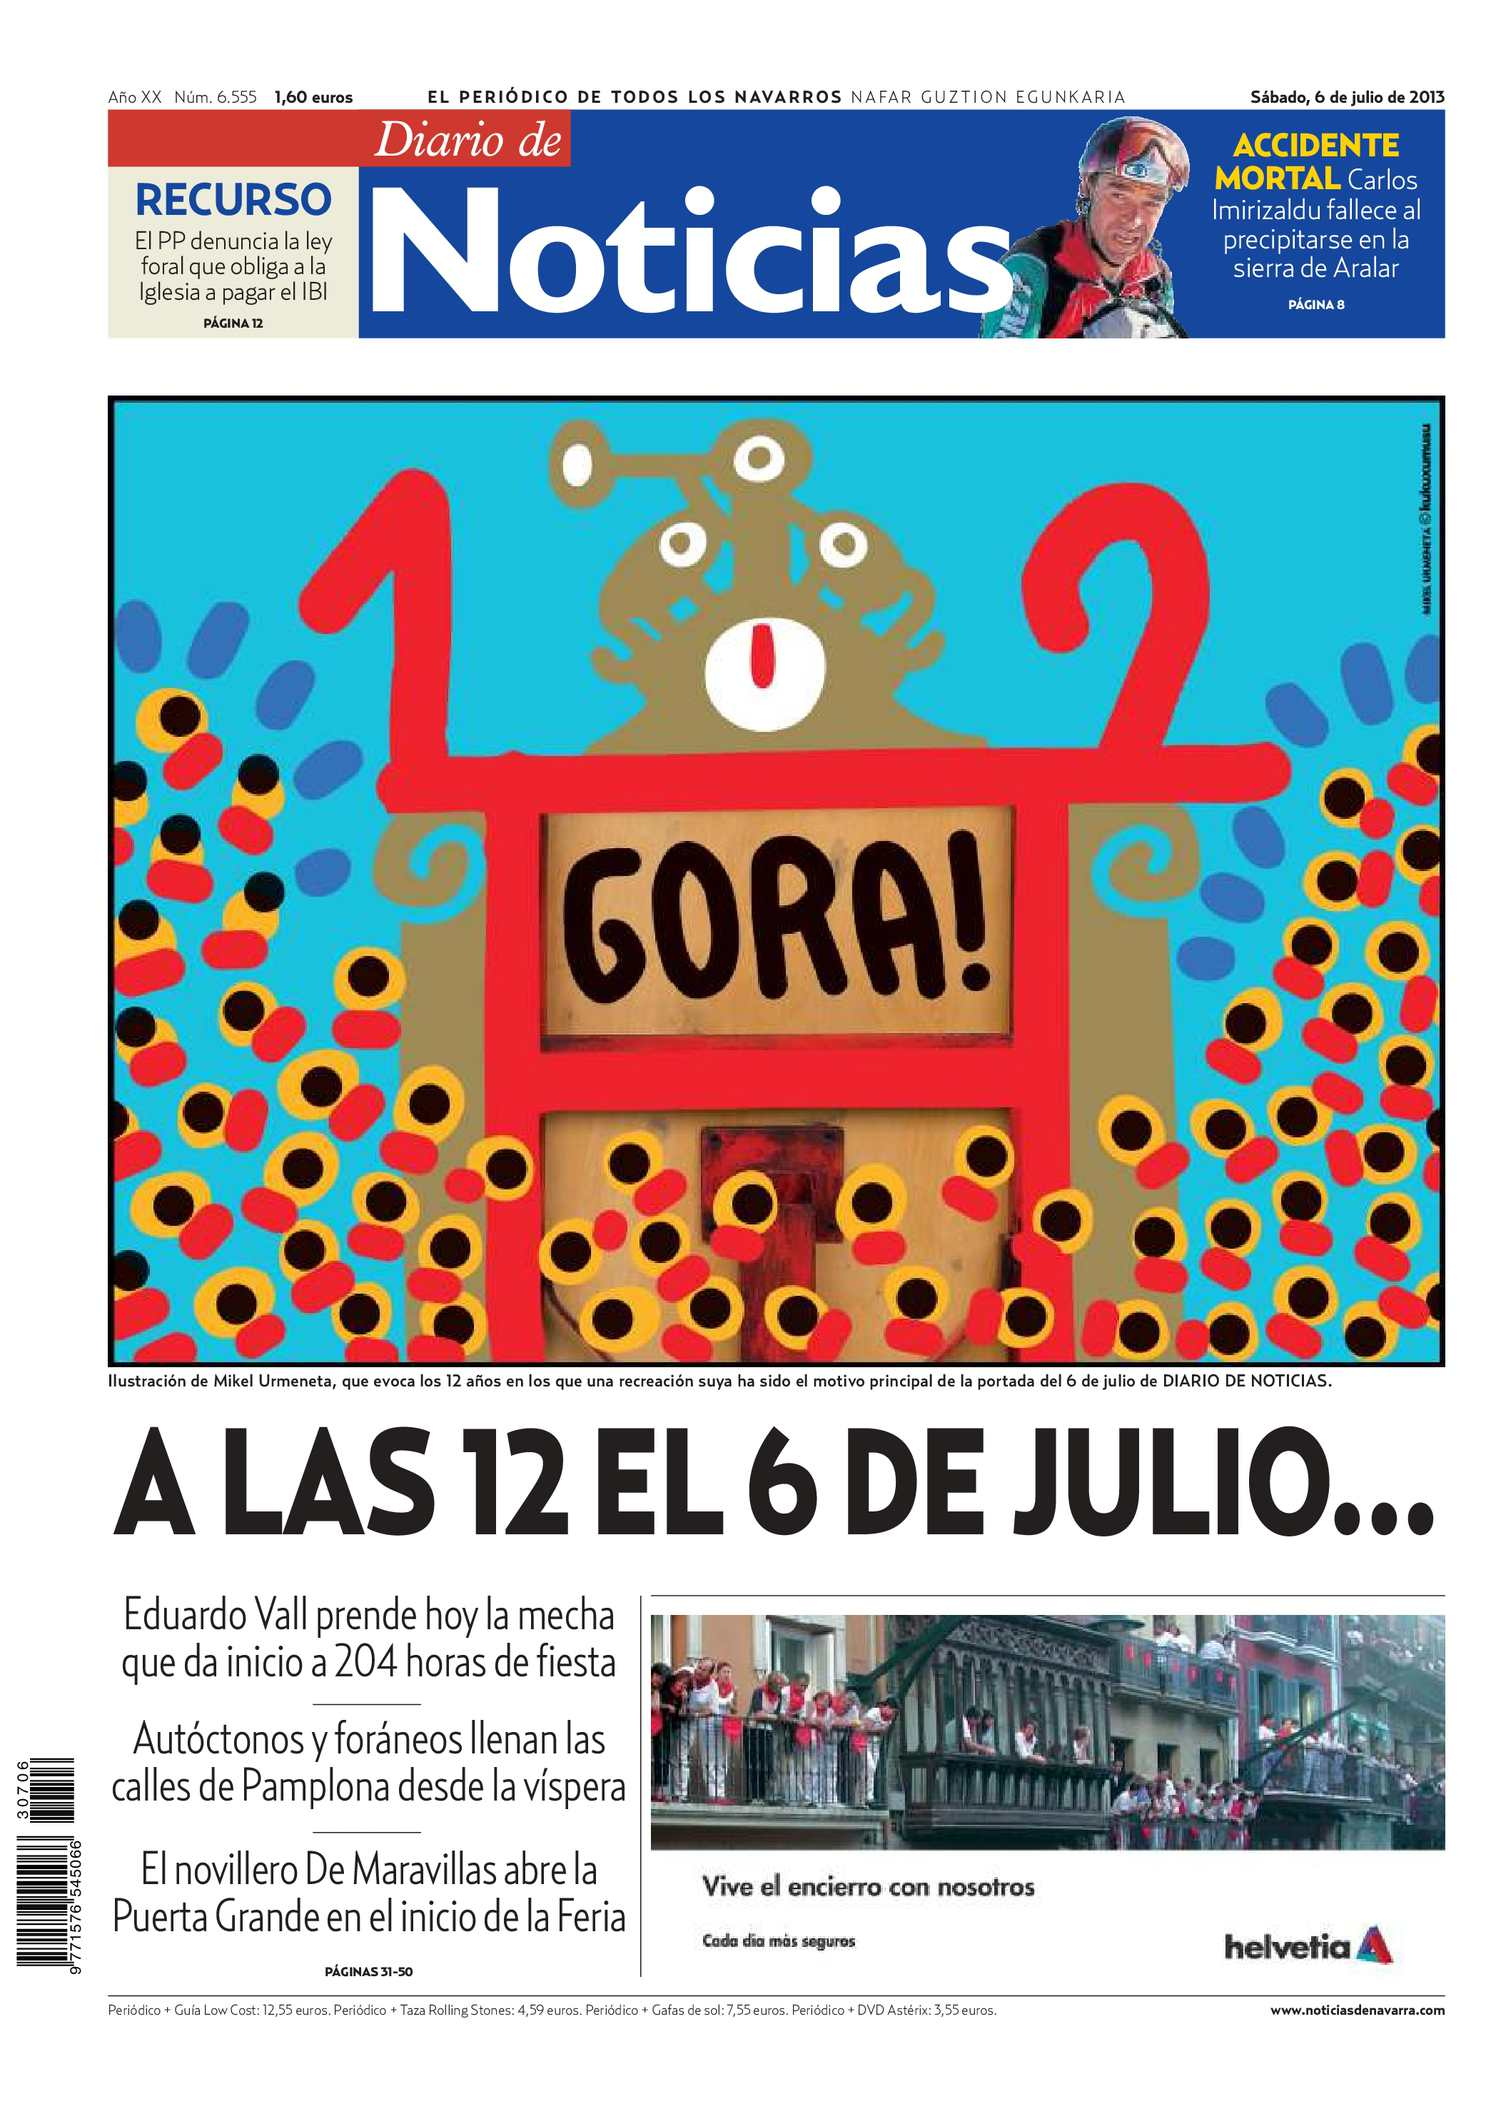 fa1a9a9c7f Calaméo - Diario de Noticias 20130706